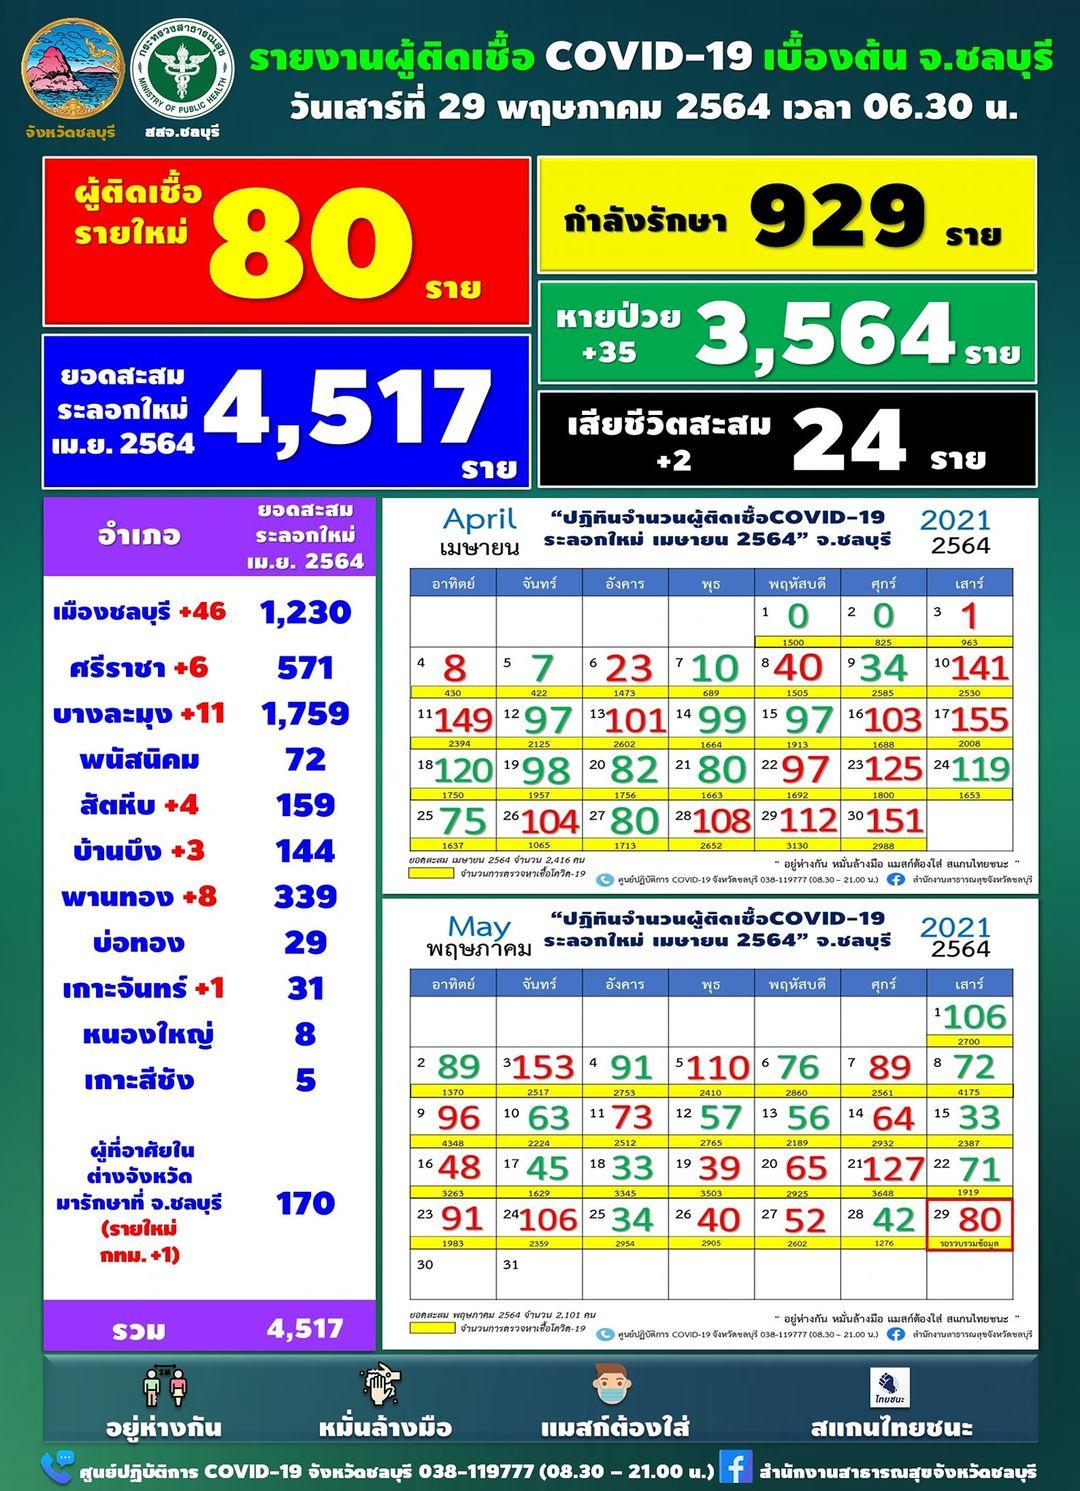 チョンブリ県は80人陽性/2人死亡 [2021年5月29日発表]